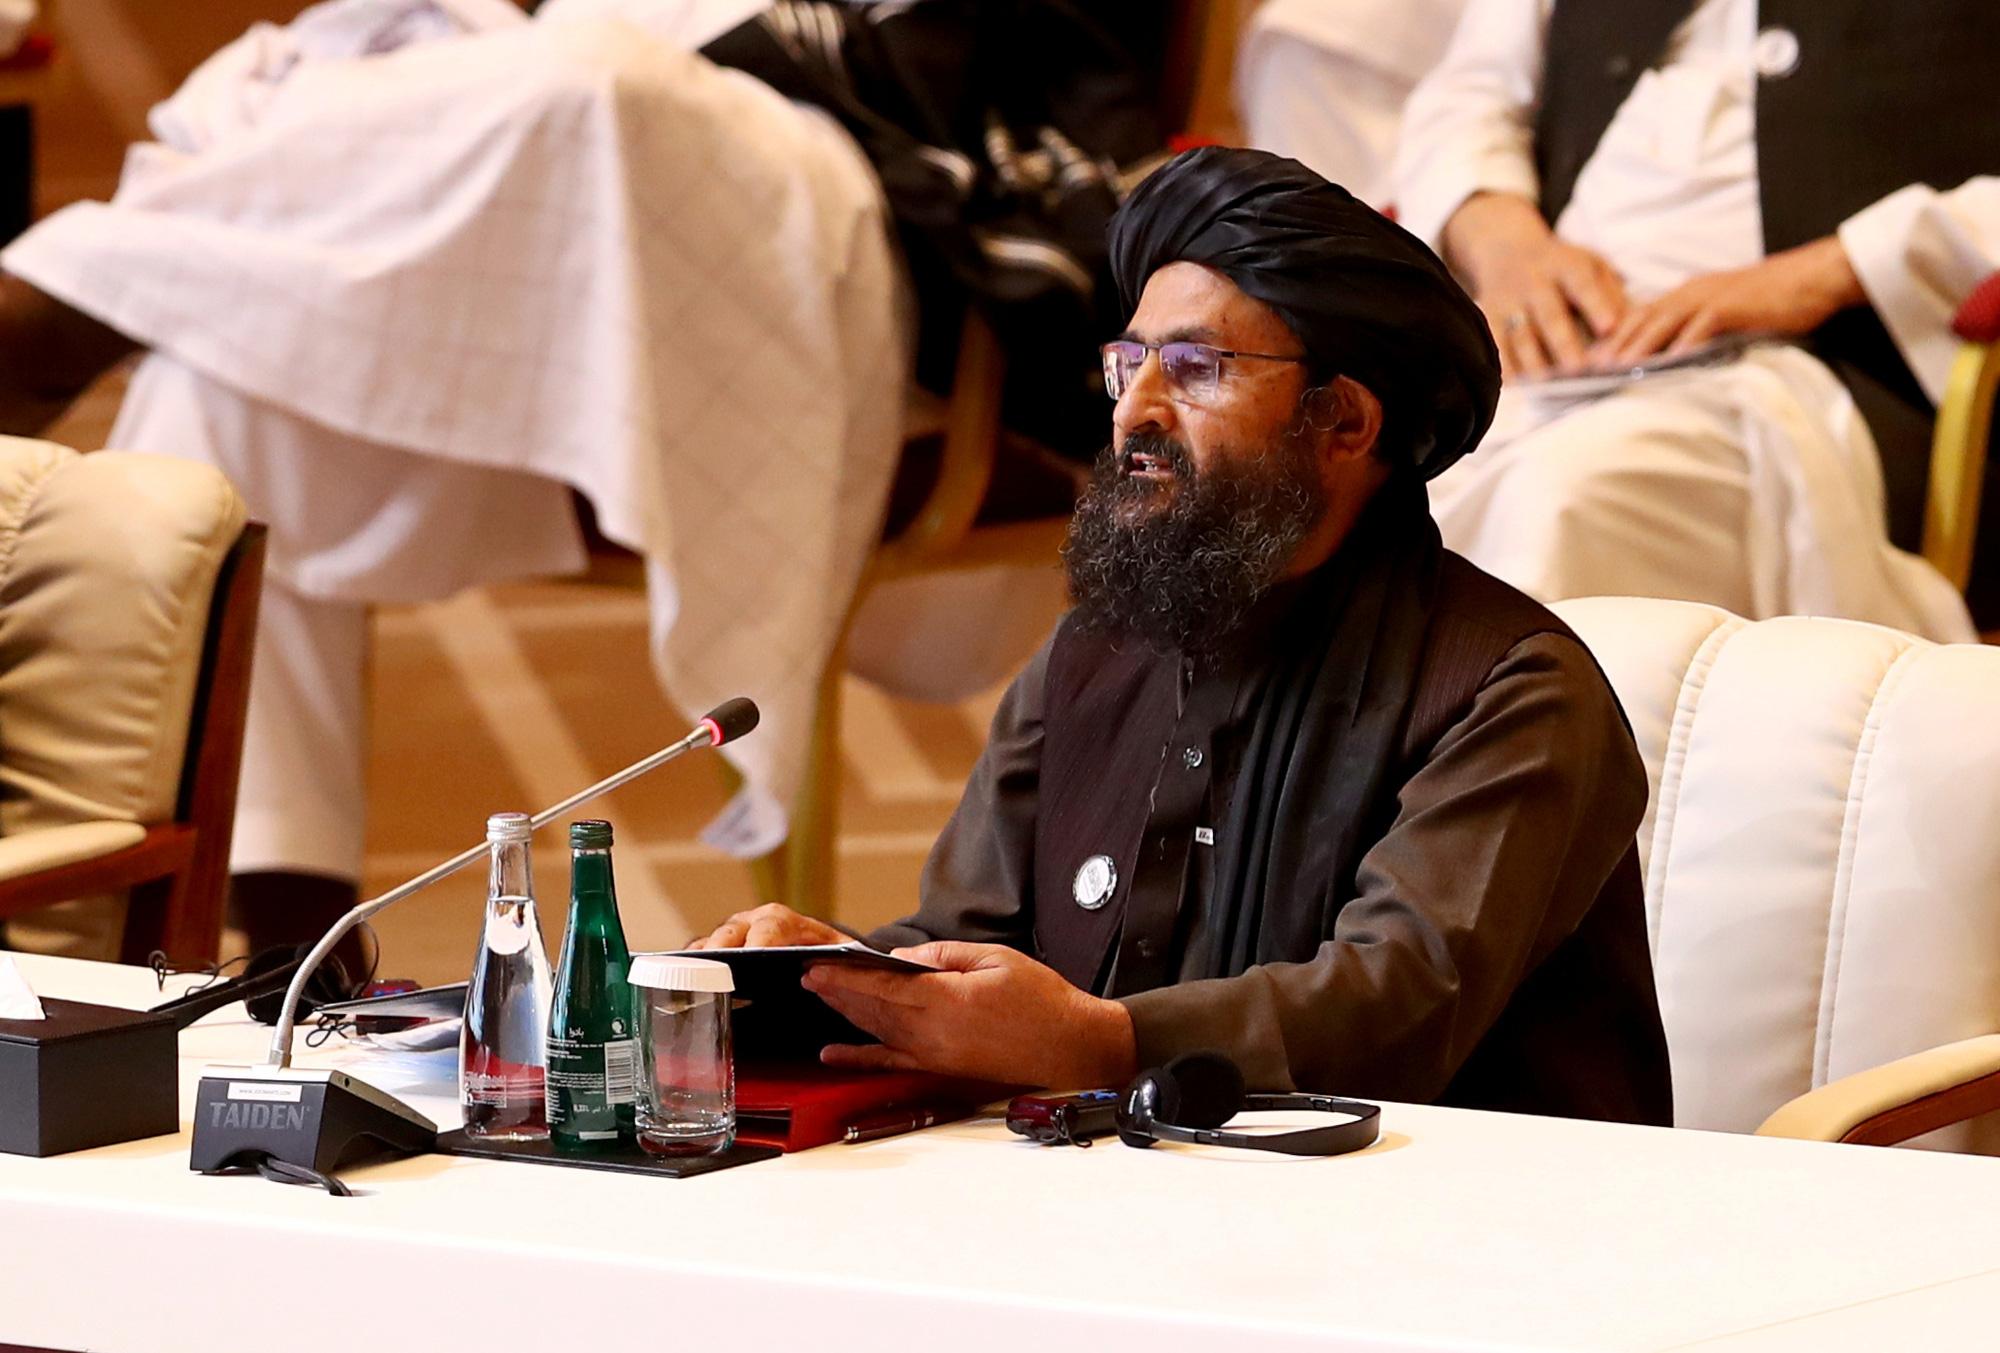 Bật mí nguyên nhân sự biến mất của nhà lãnh đạo cấp cao Taliban - Ảnh 3.